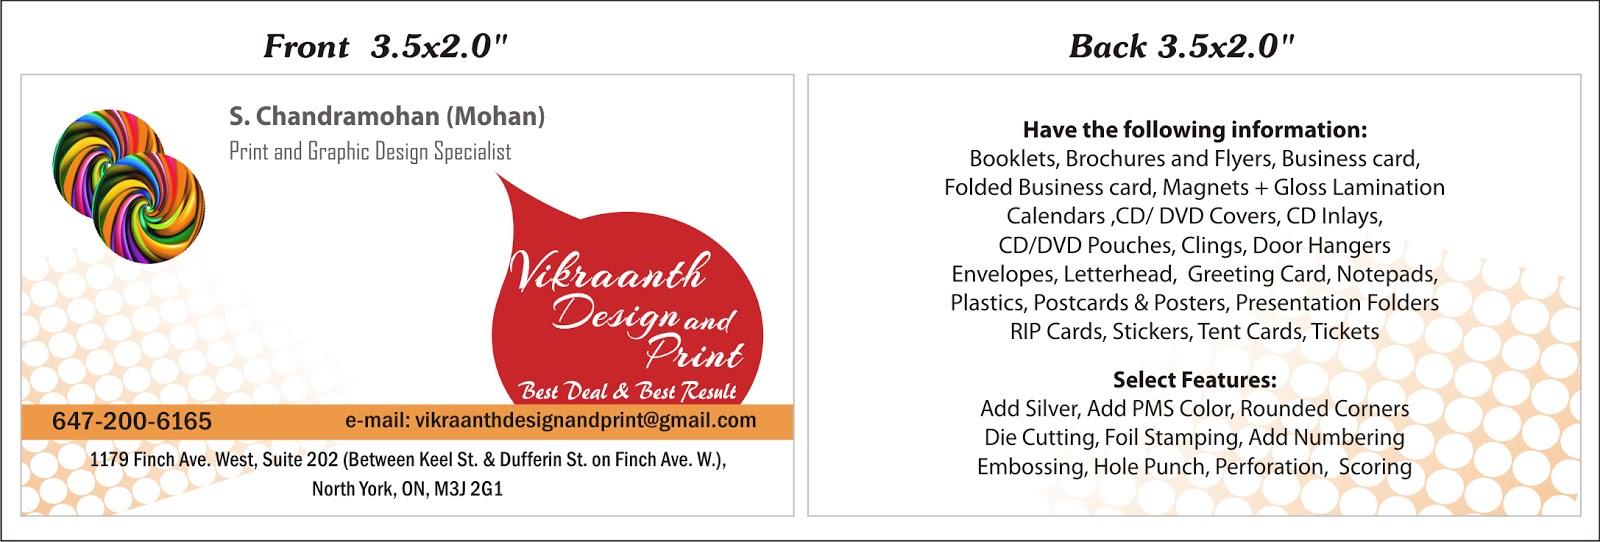 G G Designwell: Business Card